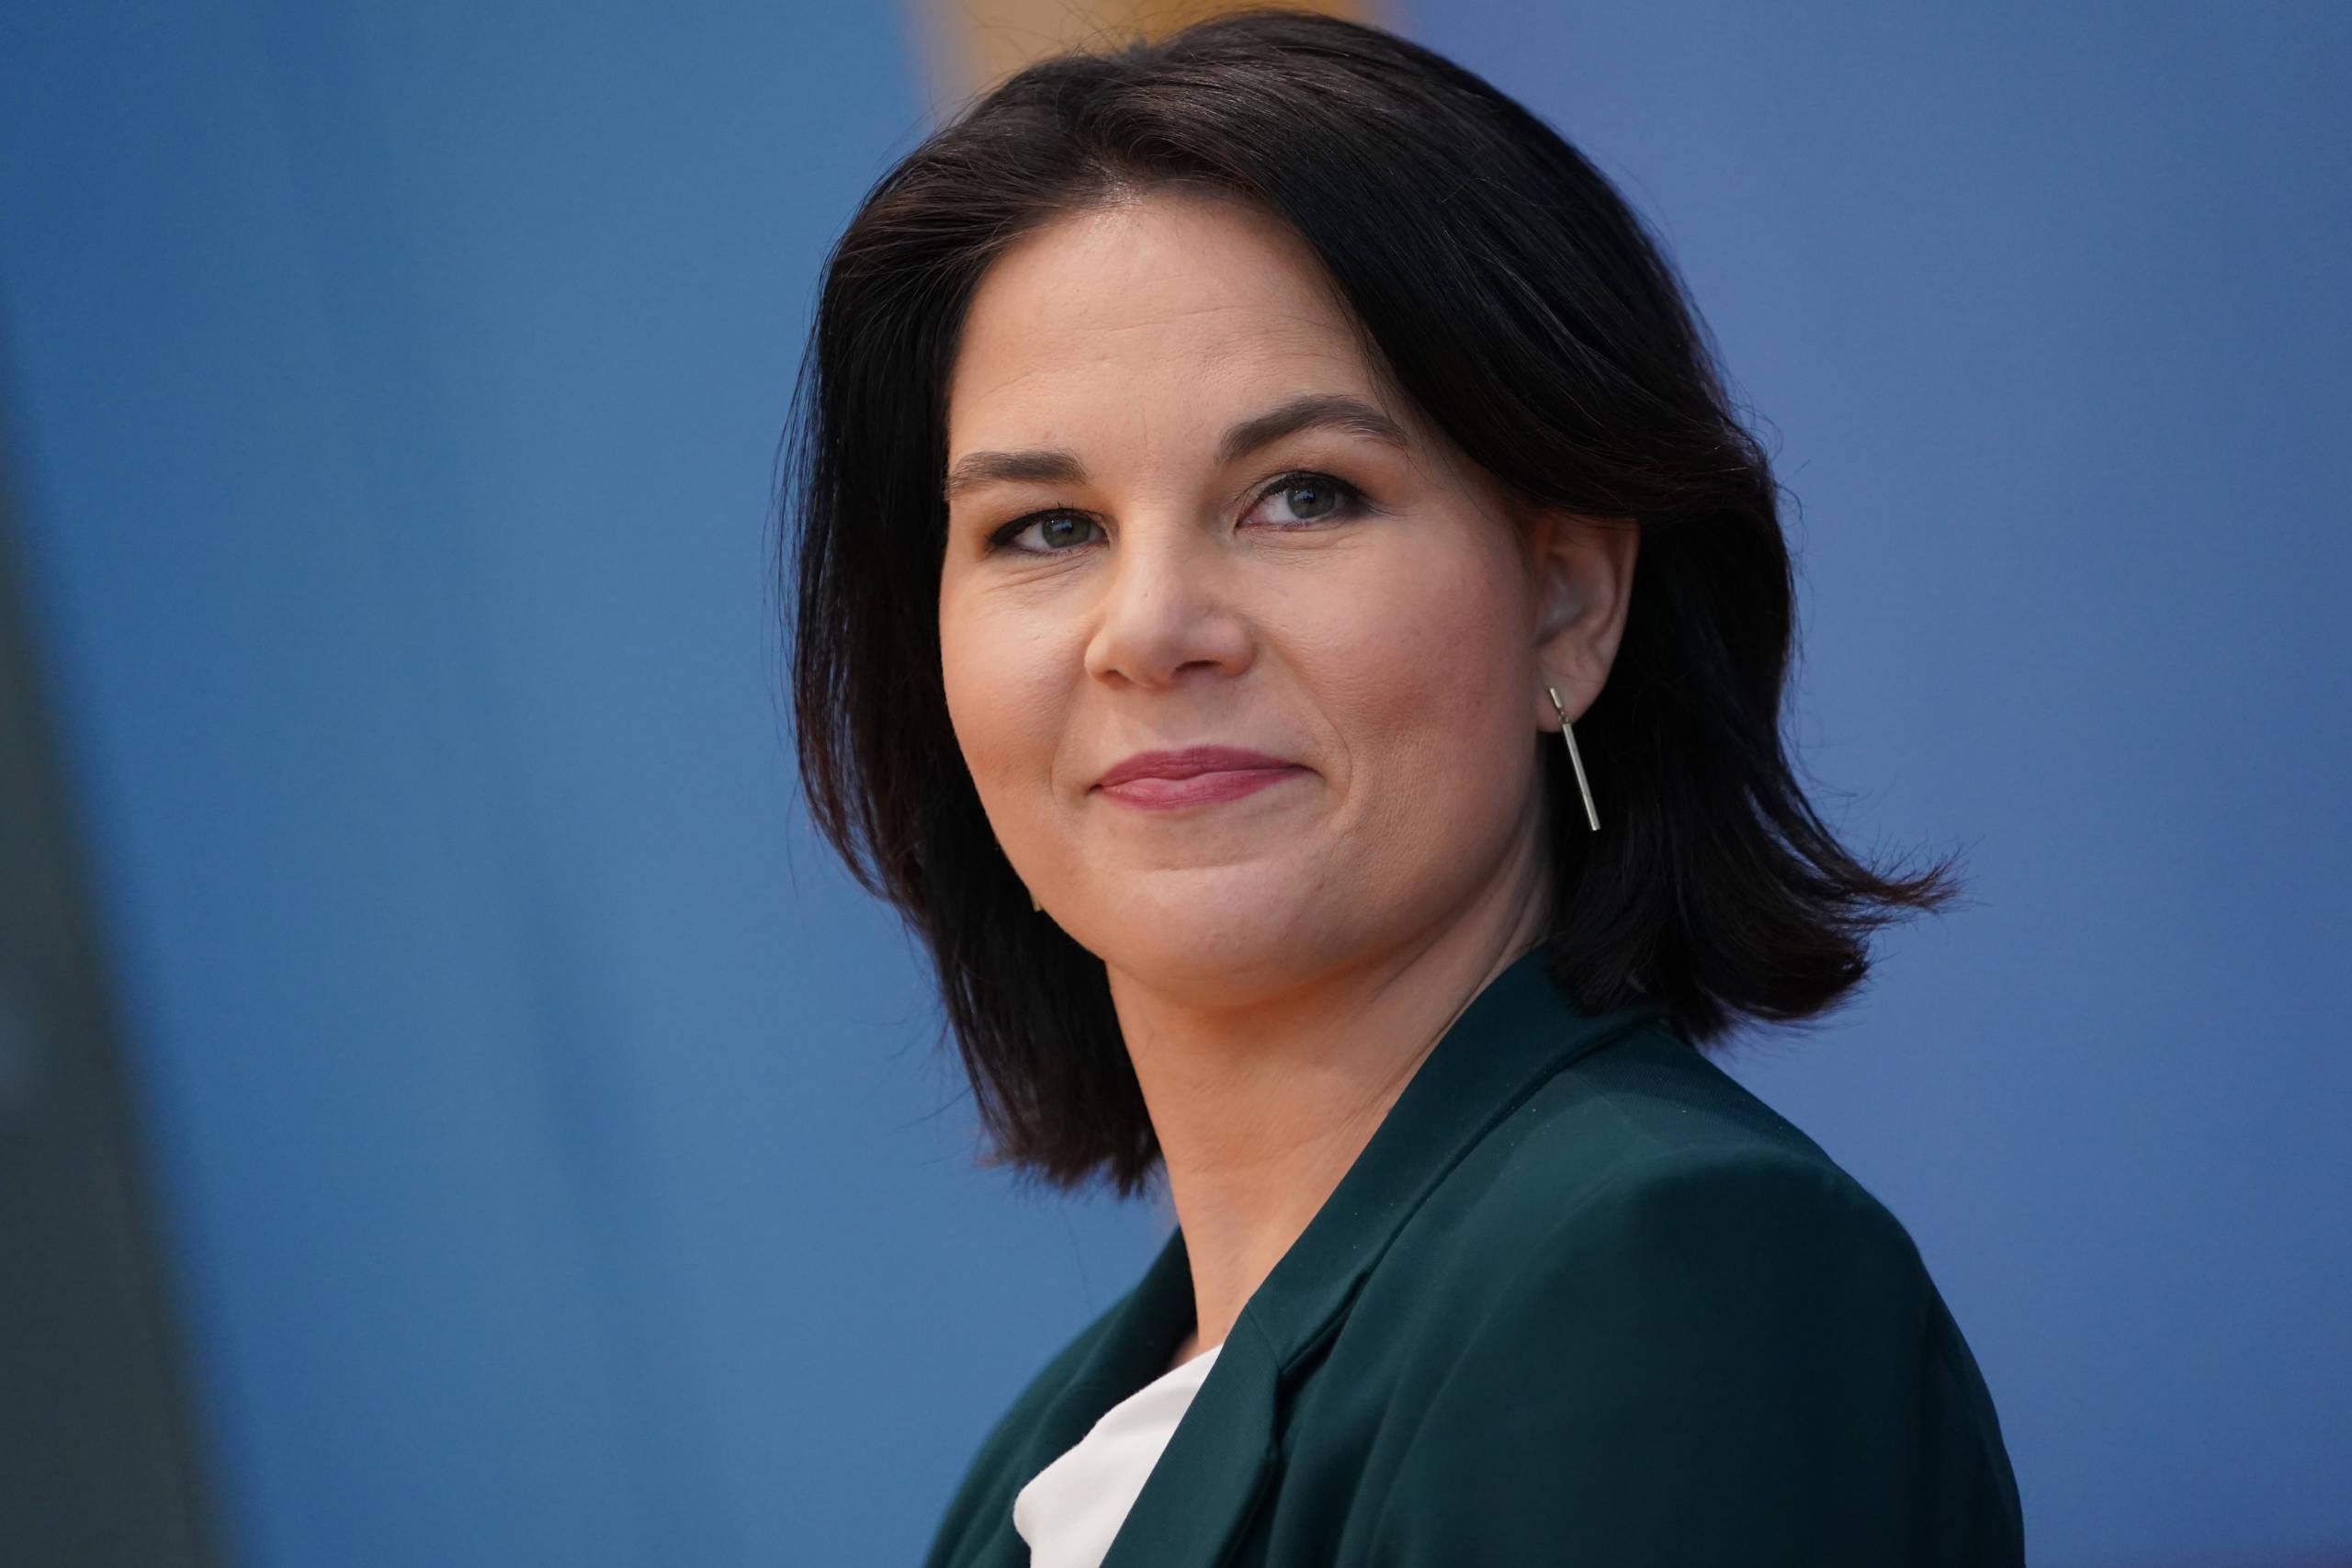 Let There Be Baerbock Wird Annalena Baerbock Die Erste Grune Kanzlerkandidatin